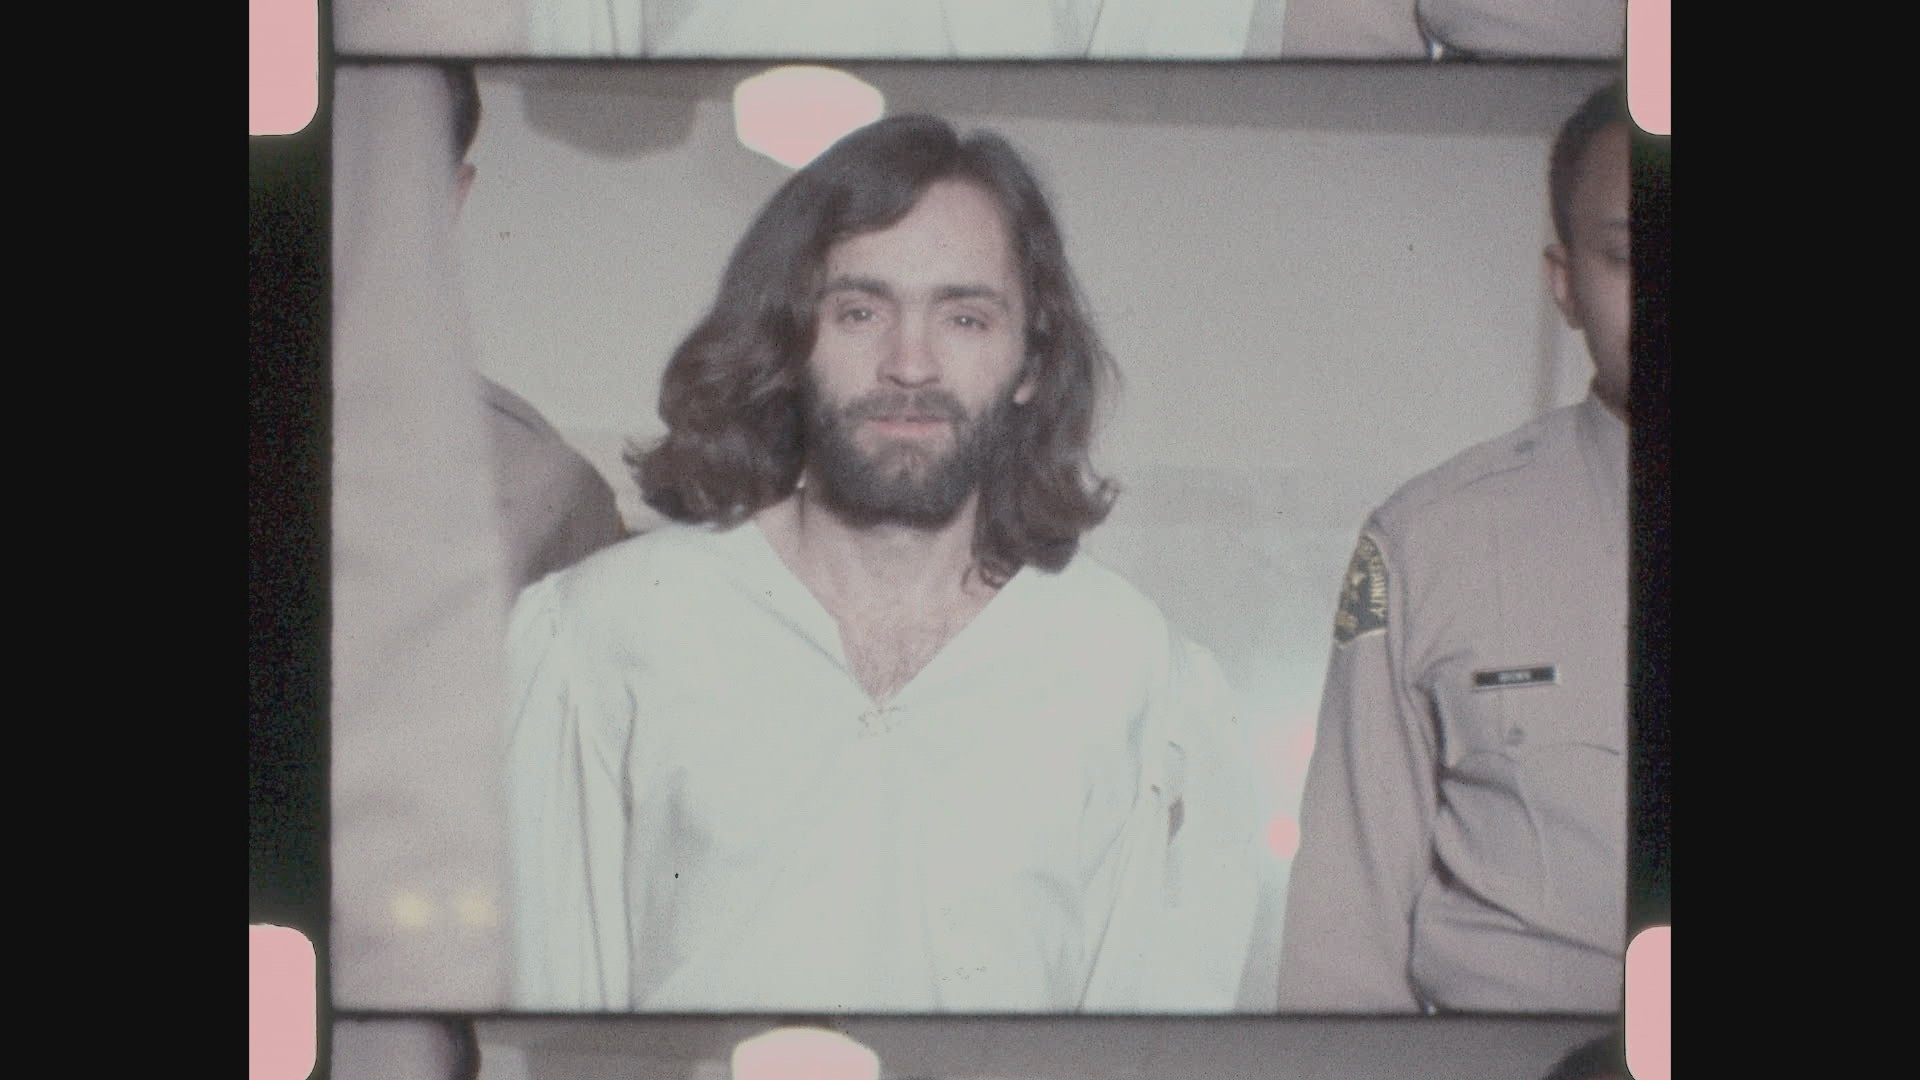 Unutar Mansonovog kulta: izgubljene vrpce